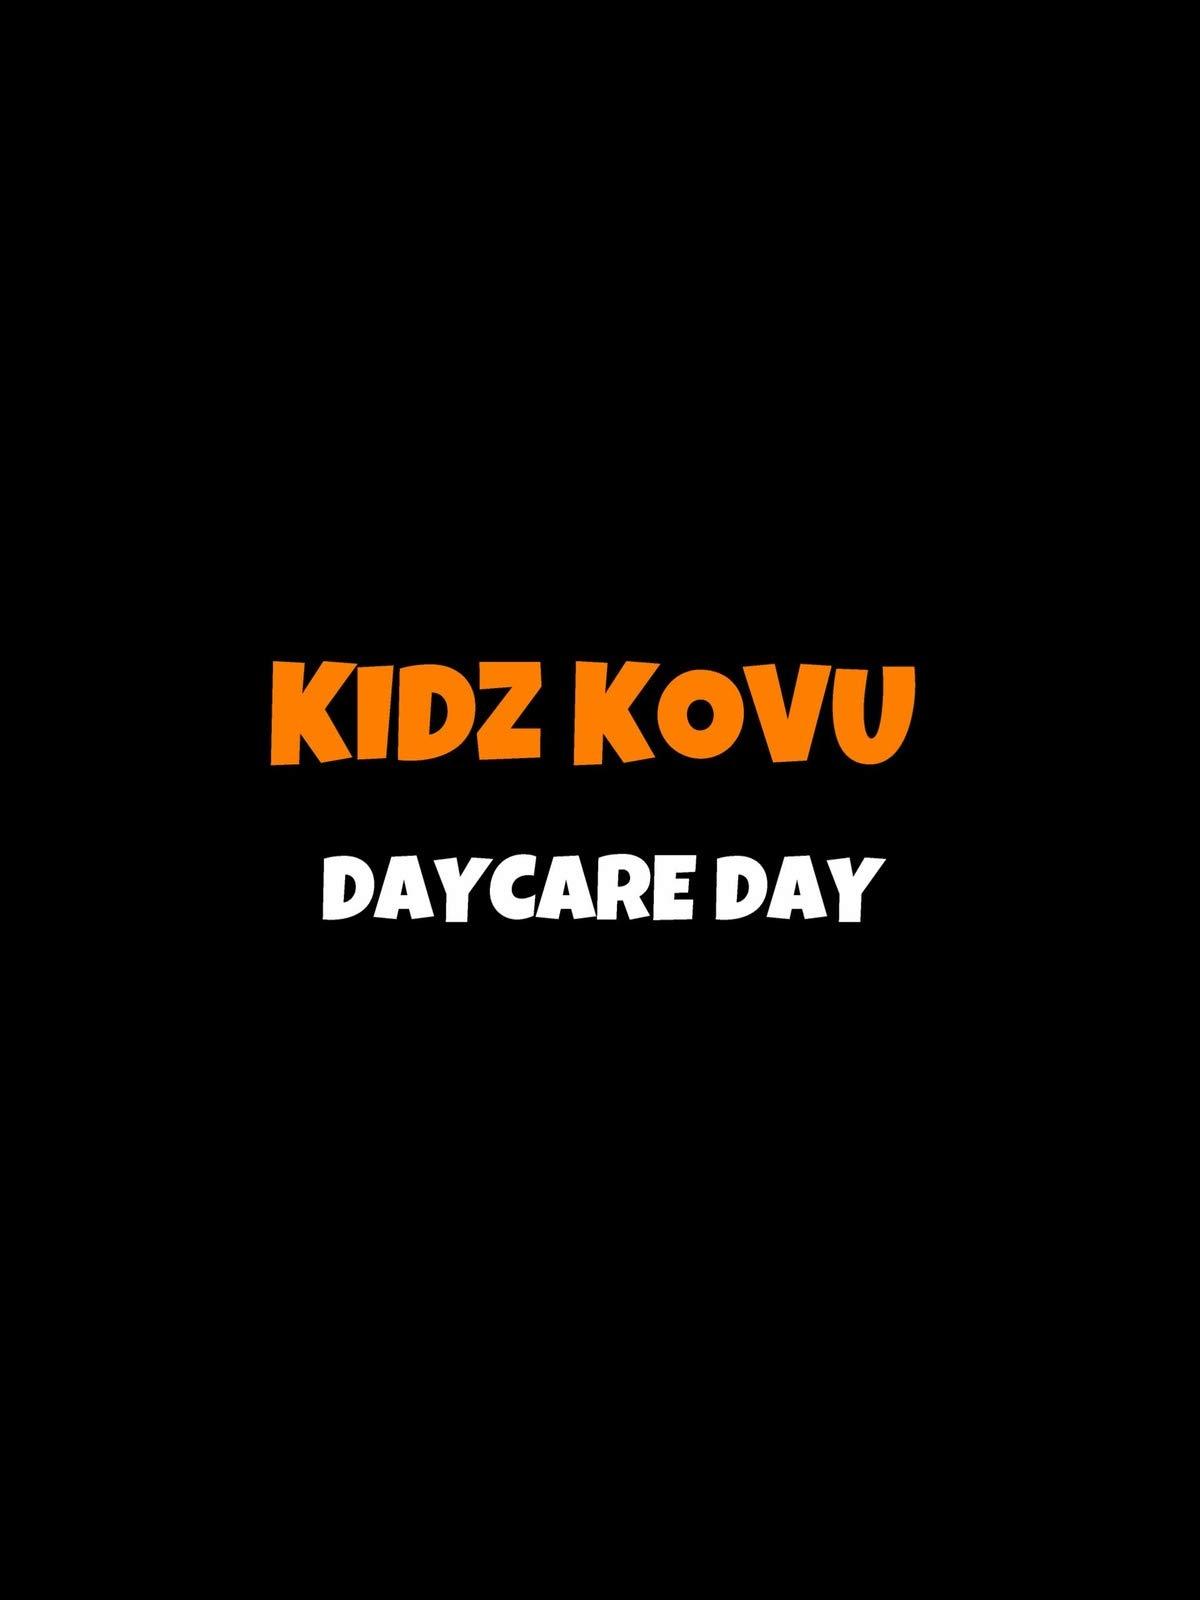 Kidz Kovu Daycare Day